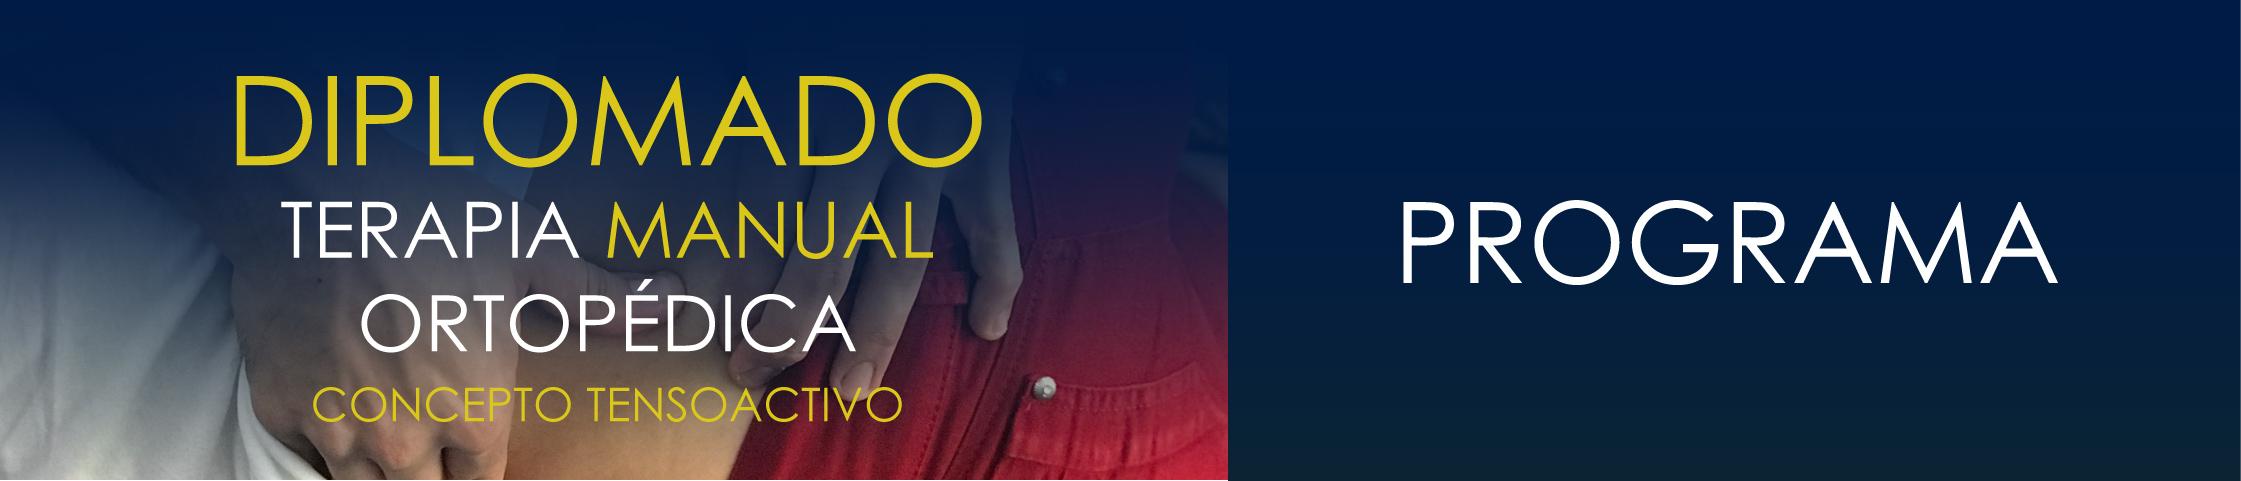 DIPLOMADO EN TERAPIA MANUAL ORTOPÉDICA - CALI ENERO 2018-06